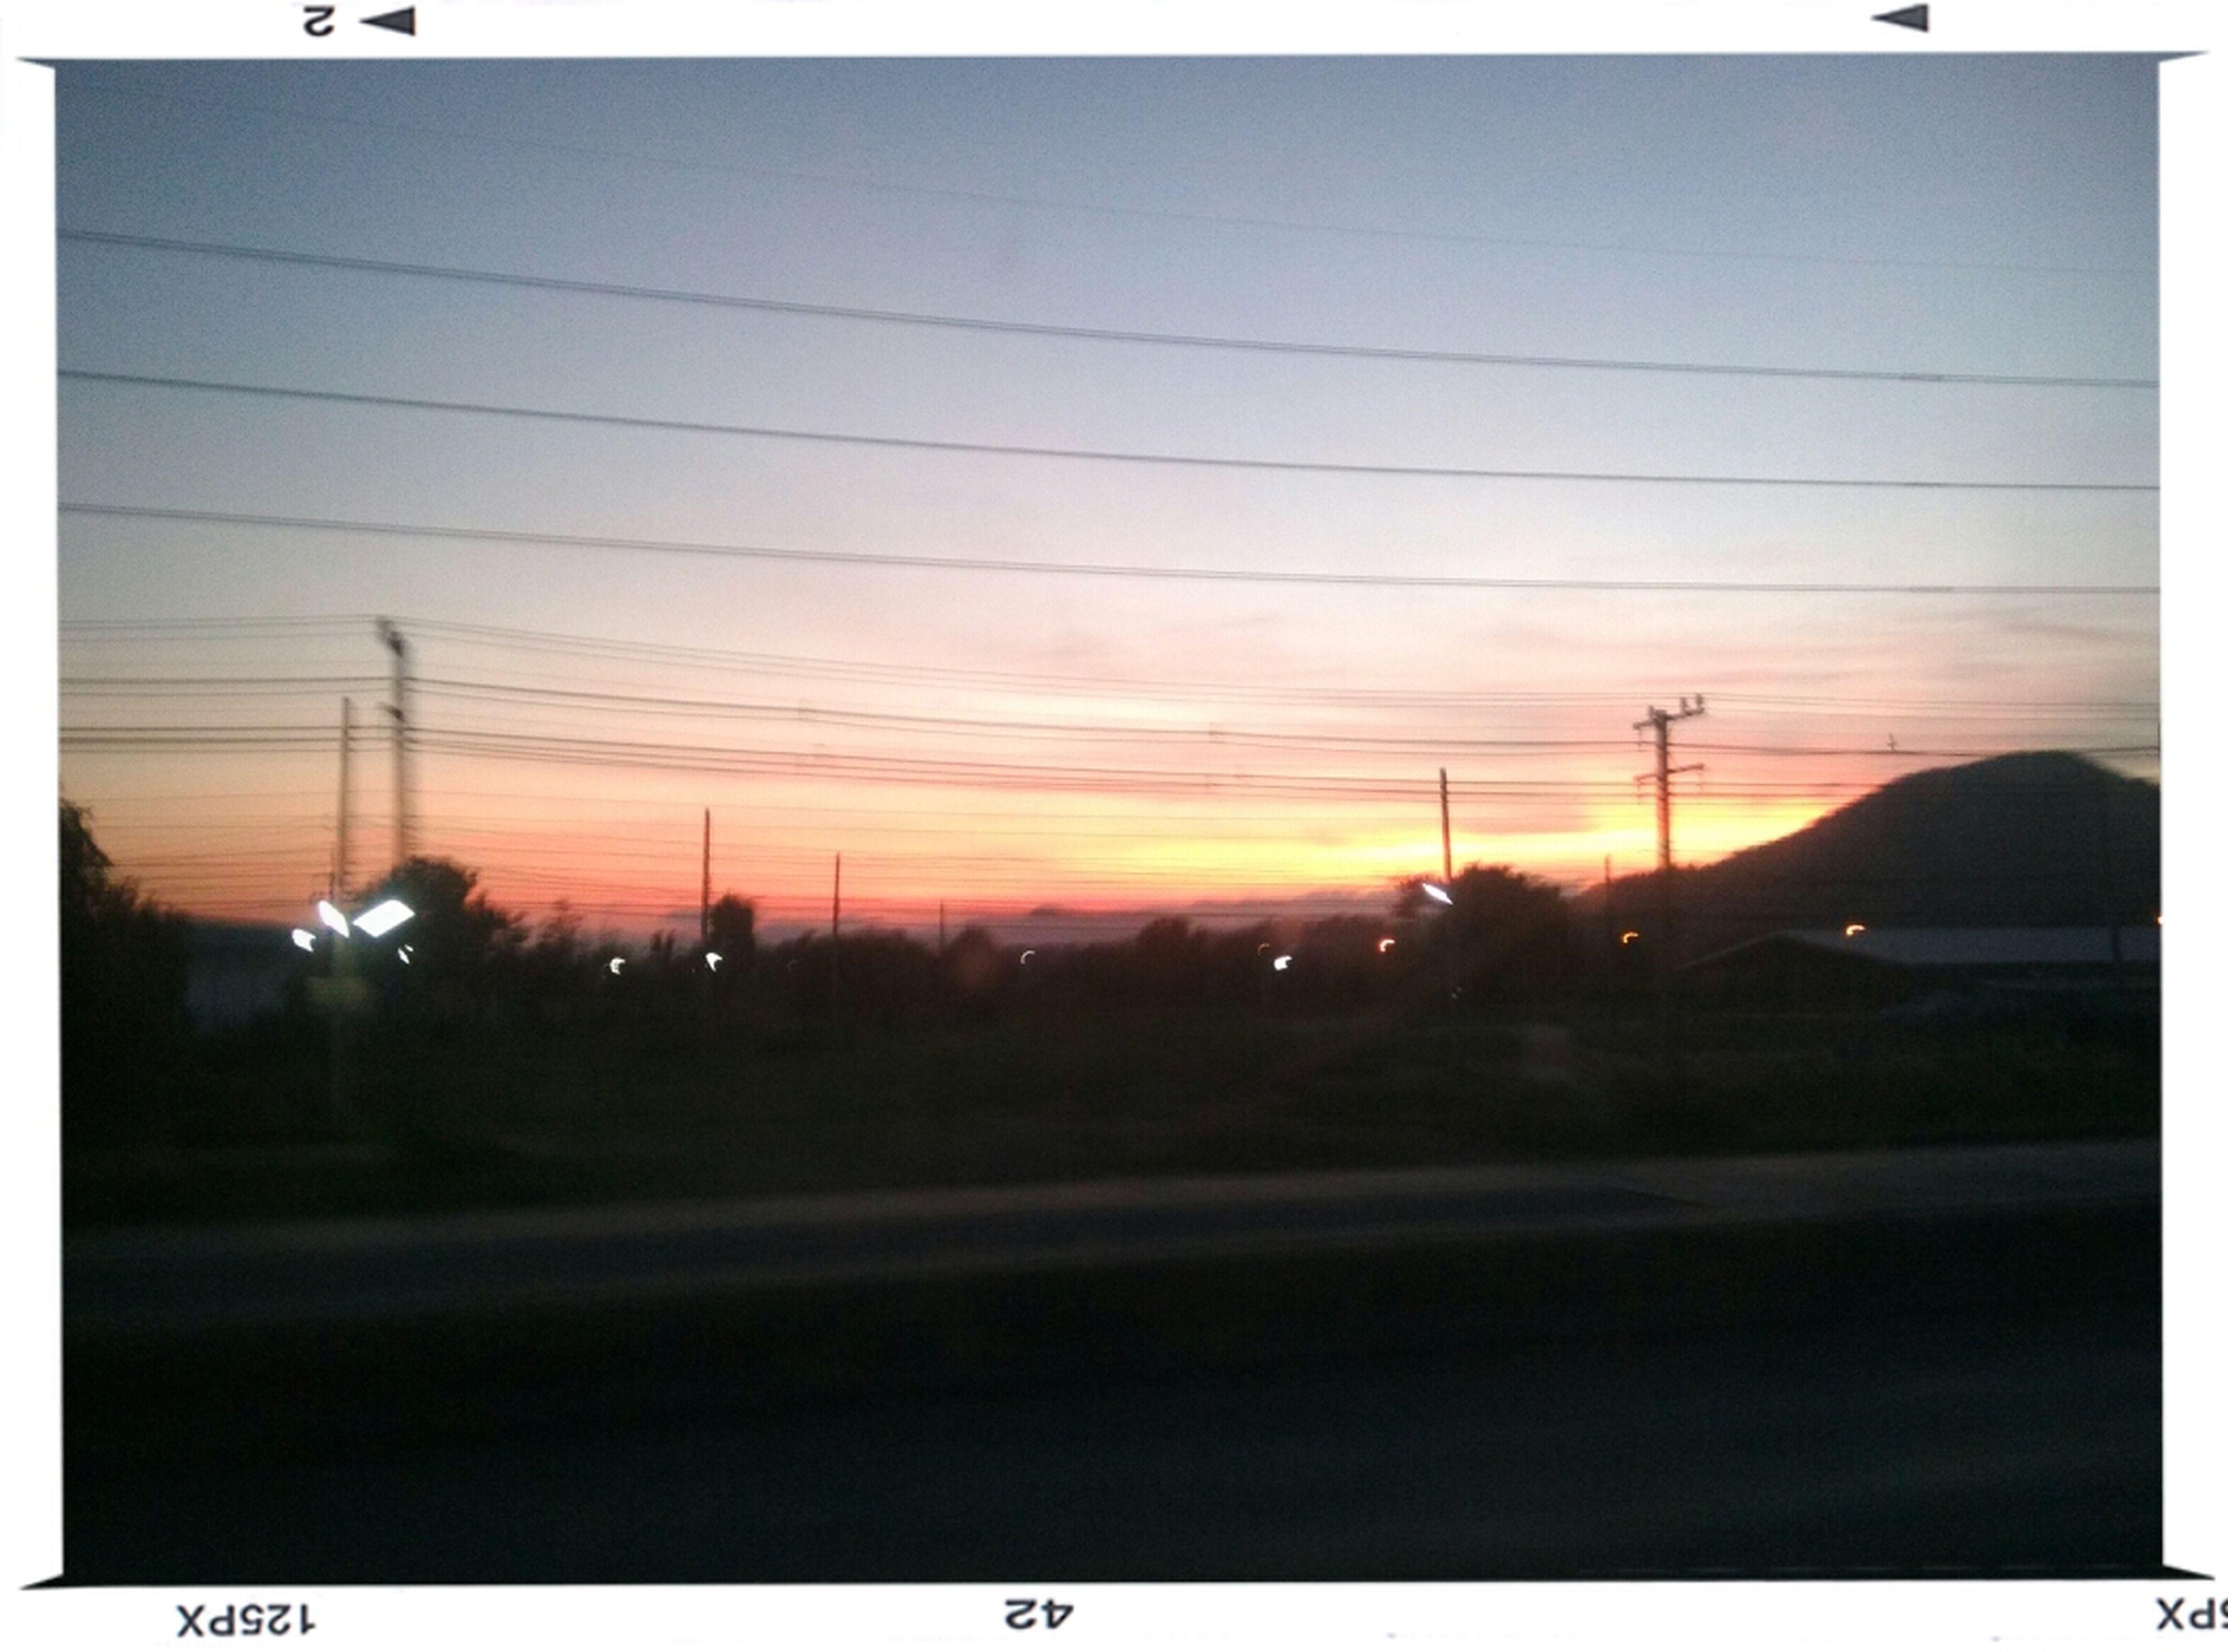 วันนี้ท้องฟ้าสวยจัง ^_^